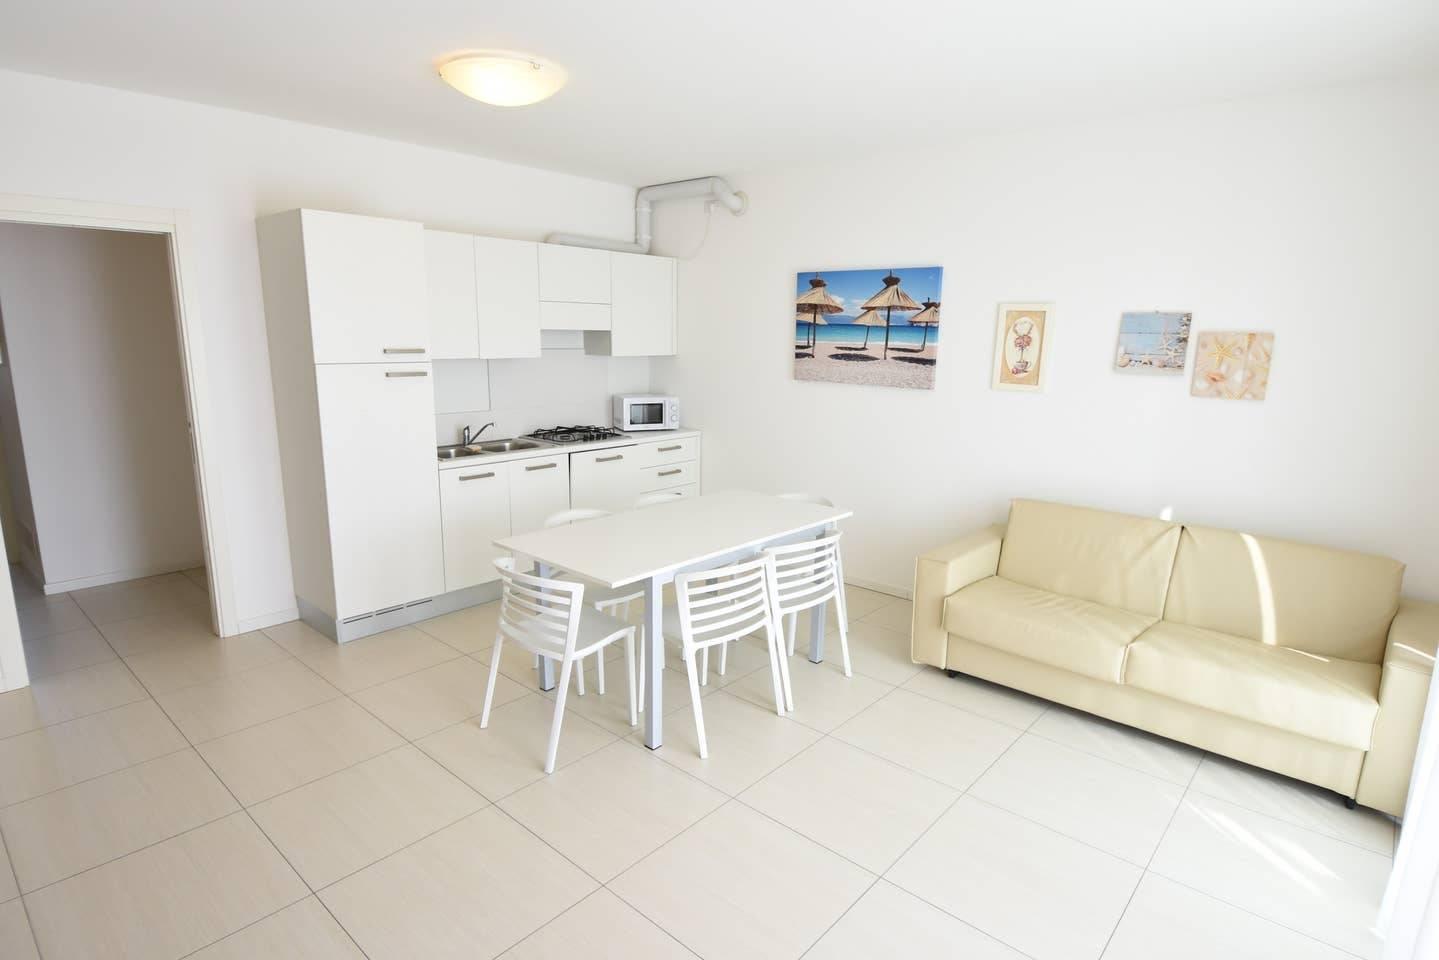 soggiorno-appartamento-residence-ulivi-1907808656